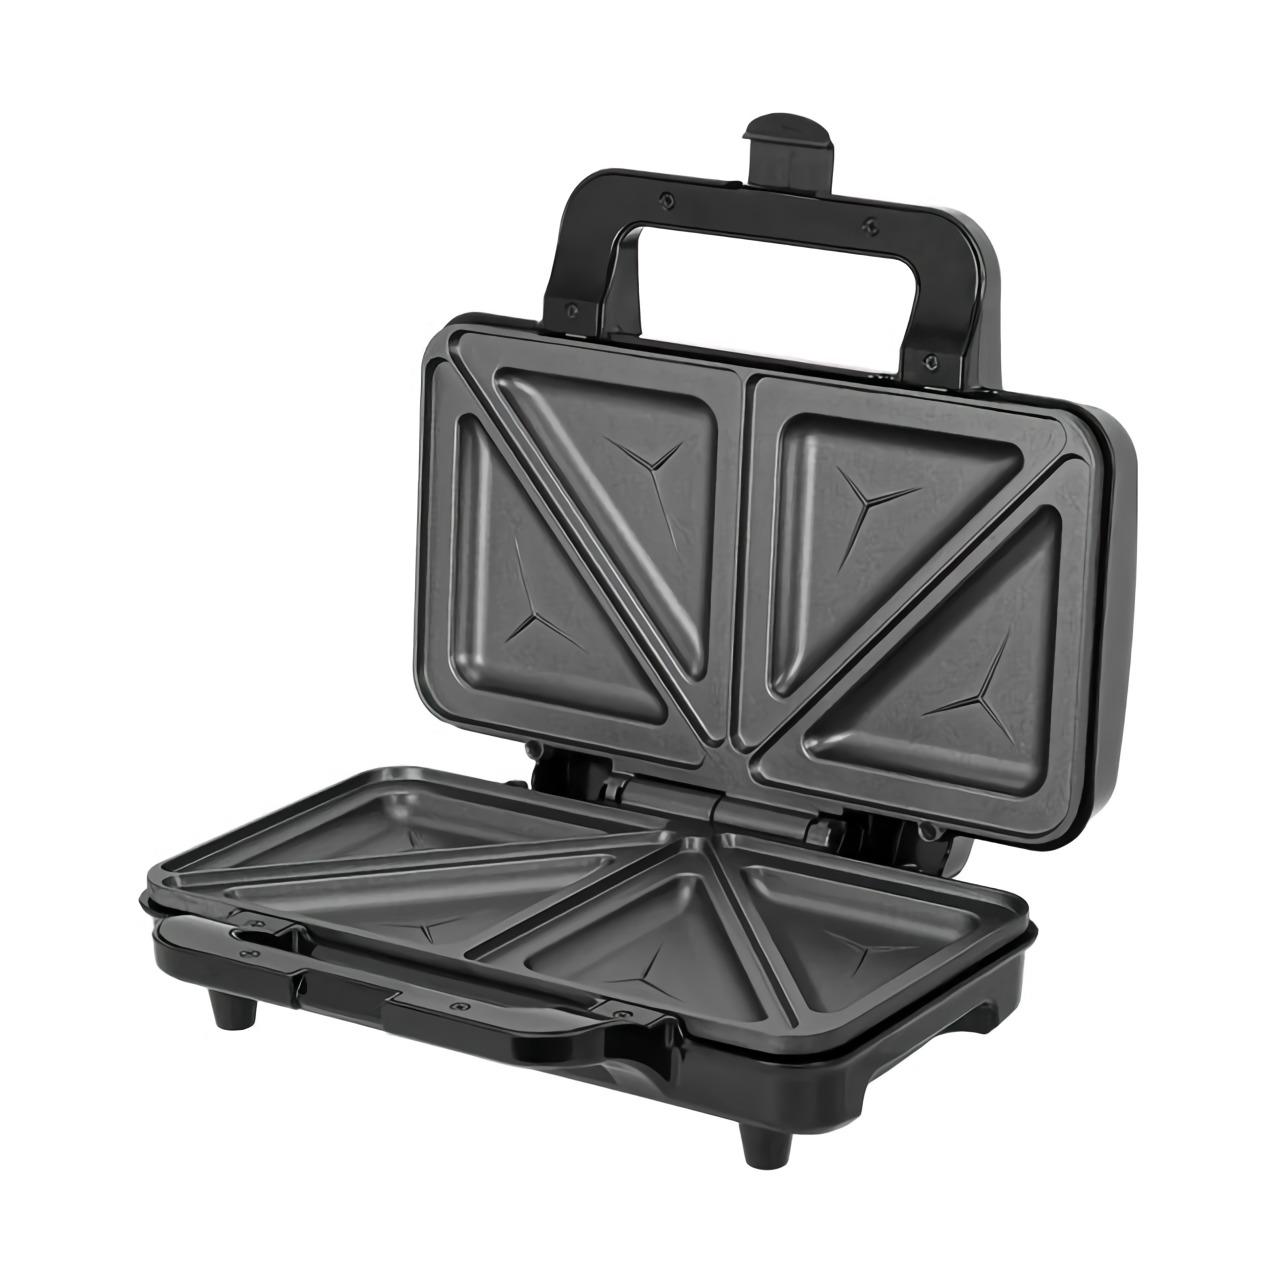 MPM MOP-20M Sandwichera eléctrica para 2 sandwiches, placas antiadherentes en forma de triángulo, acabado acero inoxidable, 900W